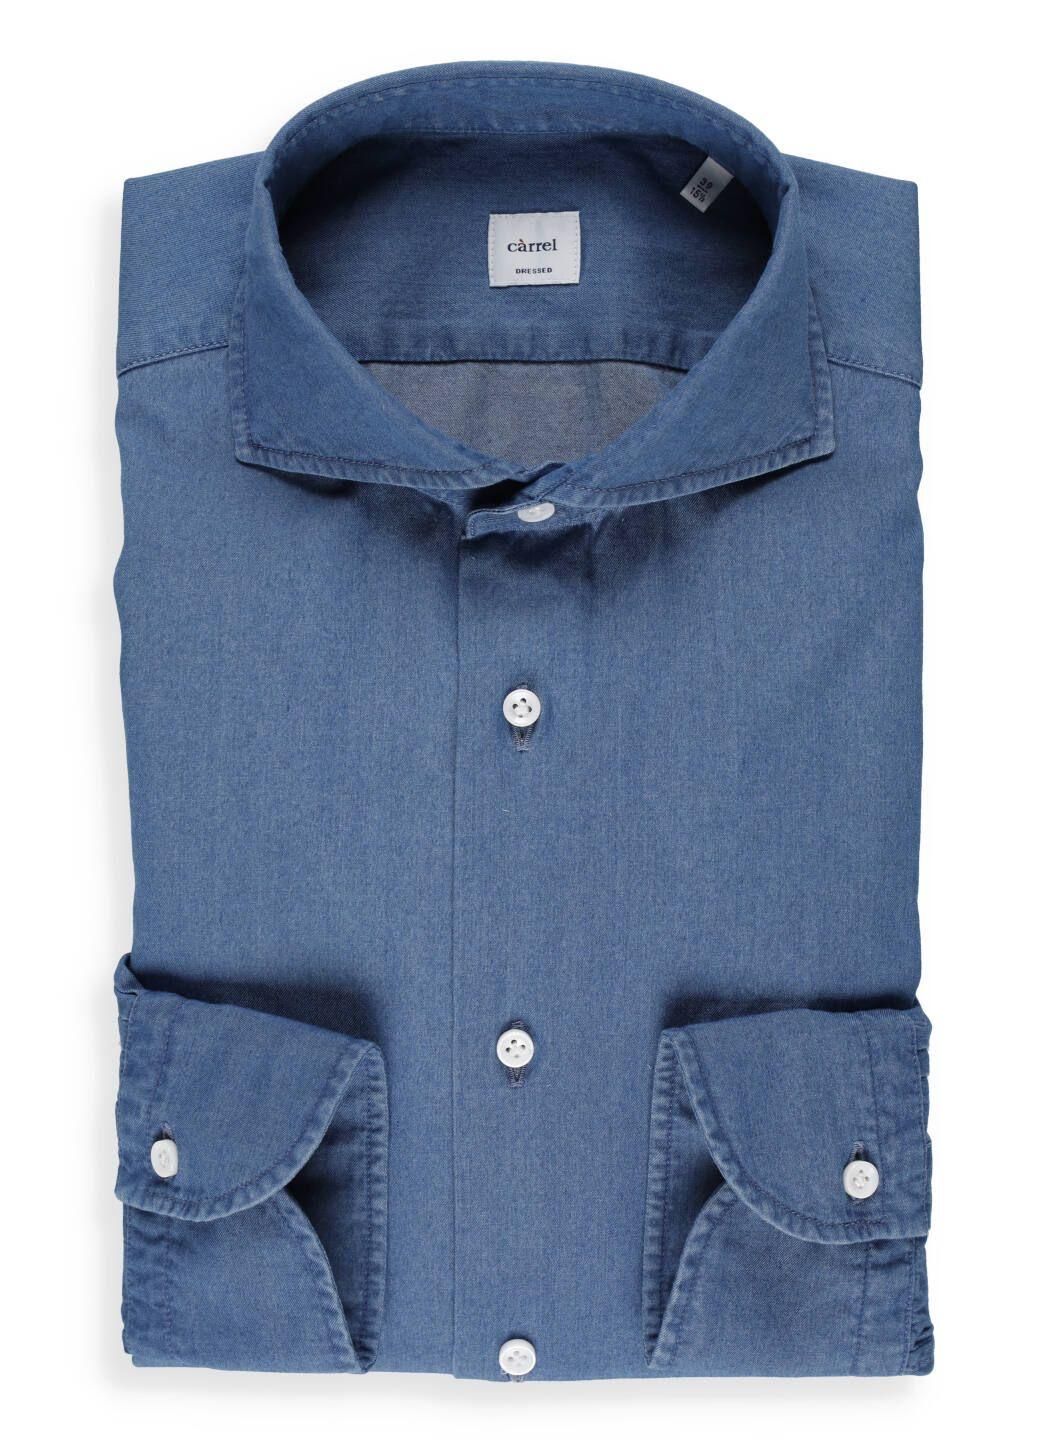 Cotton jeans shirt